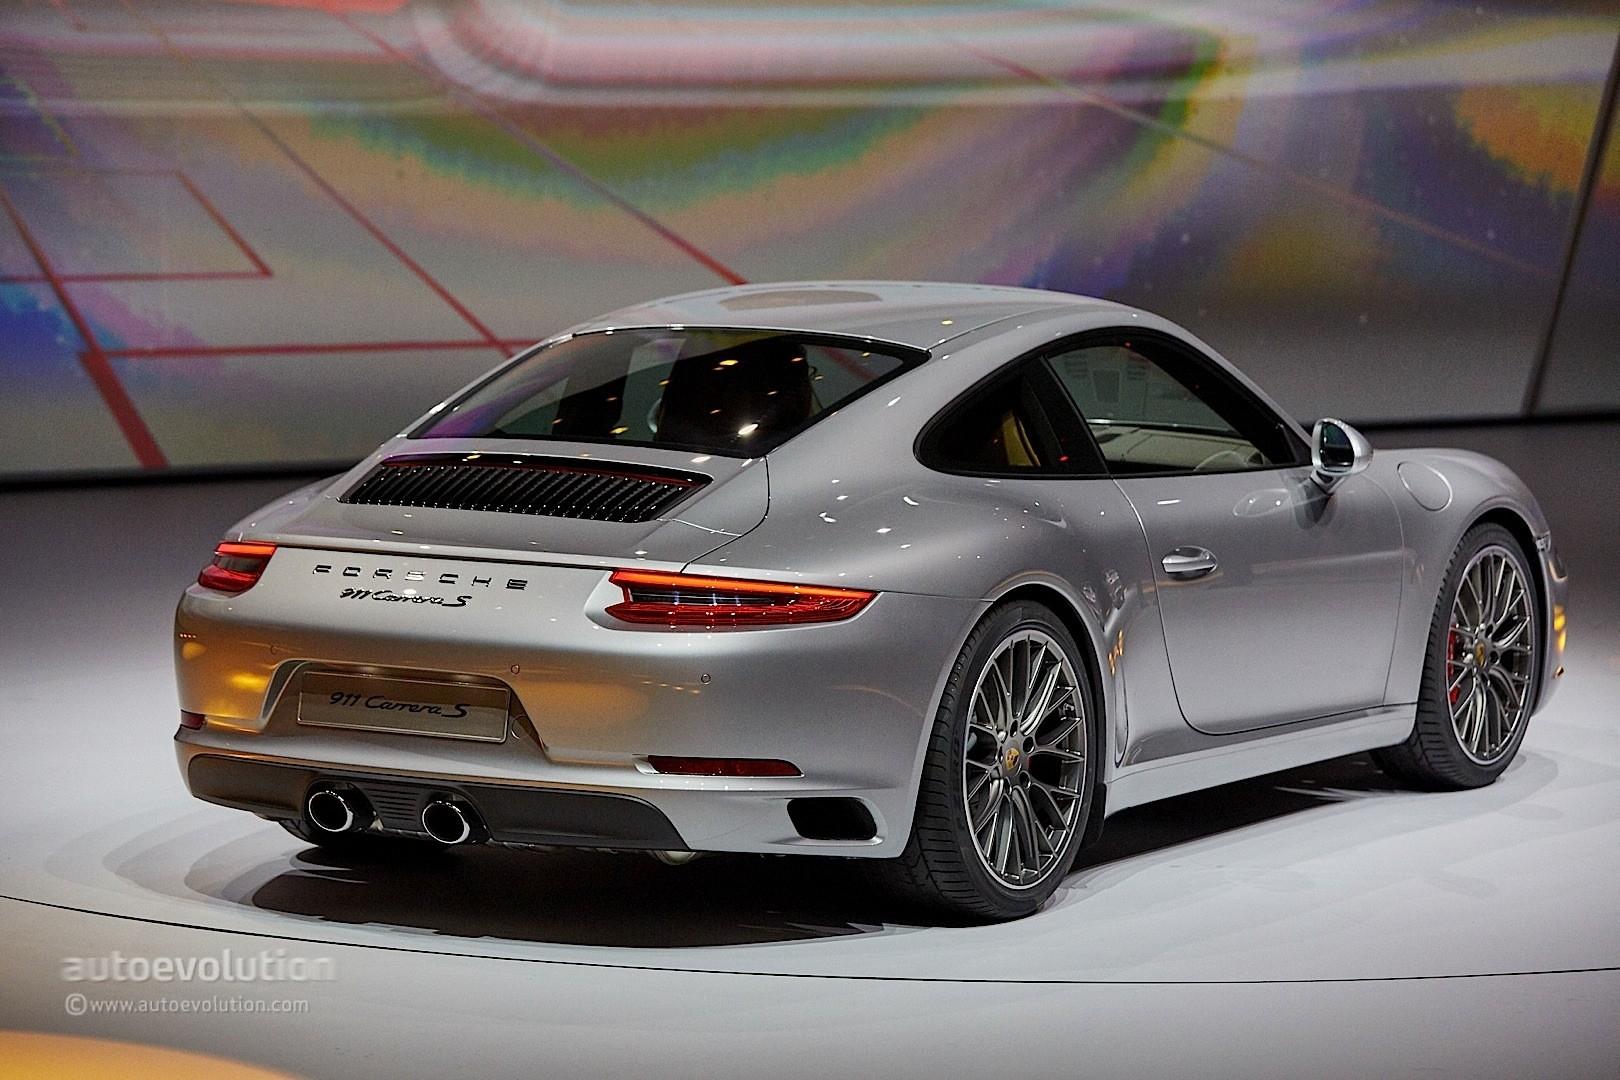 2017 Porsche 911 Feels Like An Old School Turbo Machine In